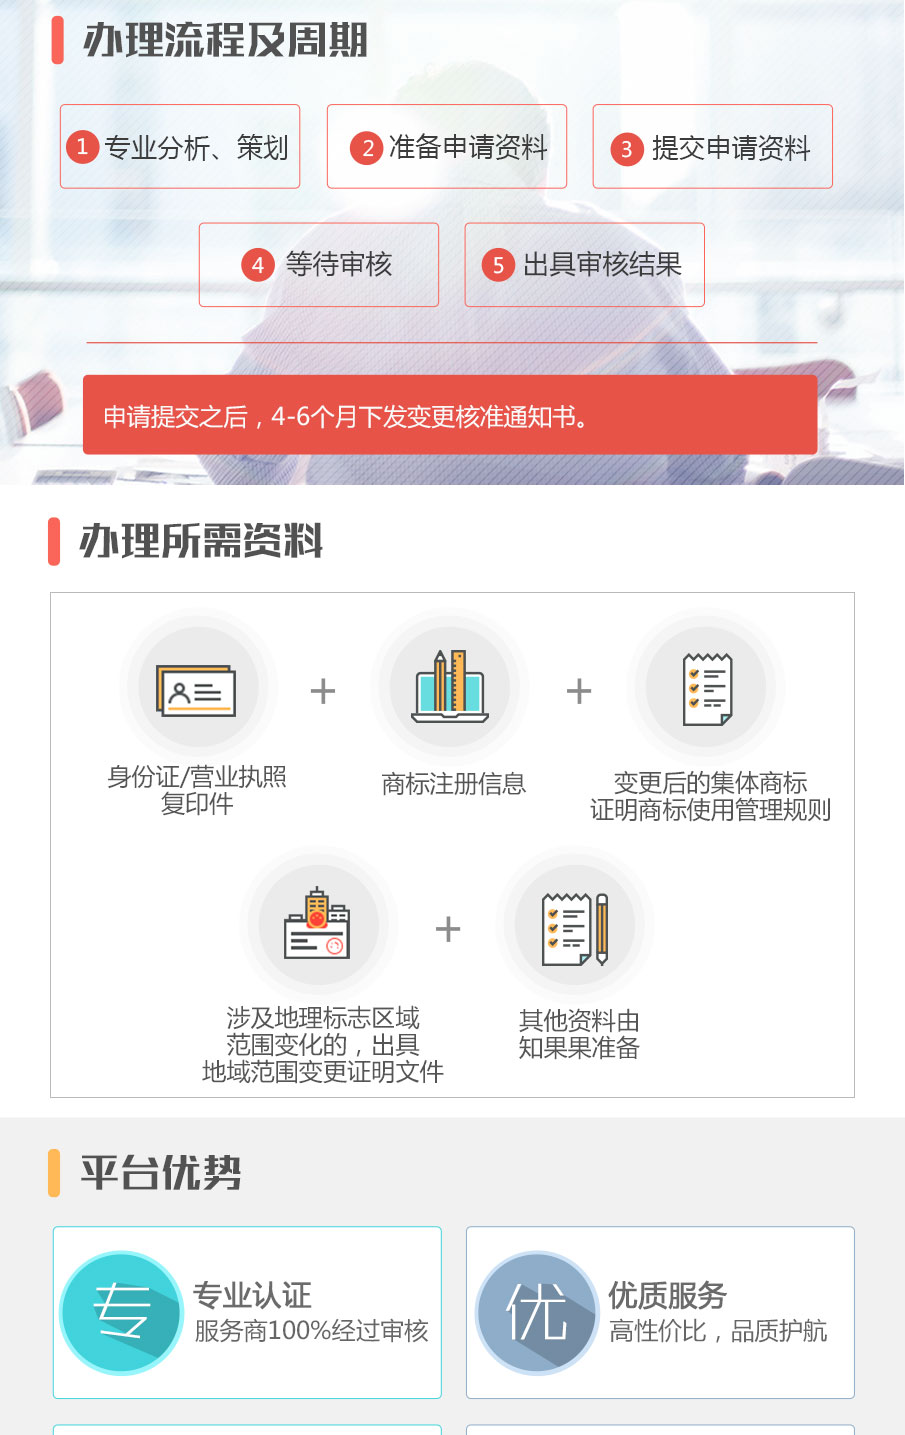 24-变更集体证明商标管理规划集体成员名单.jpg